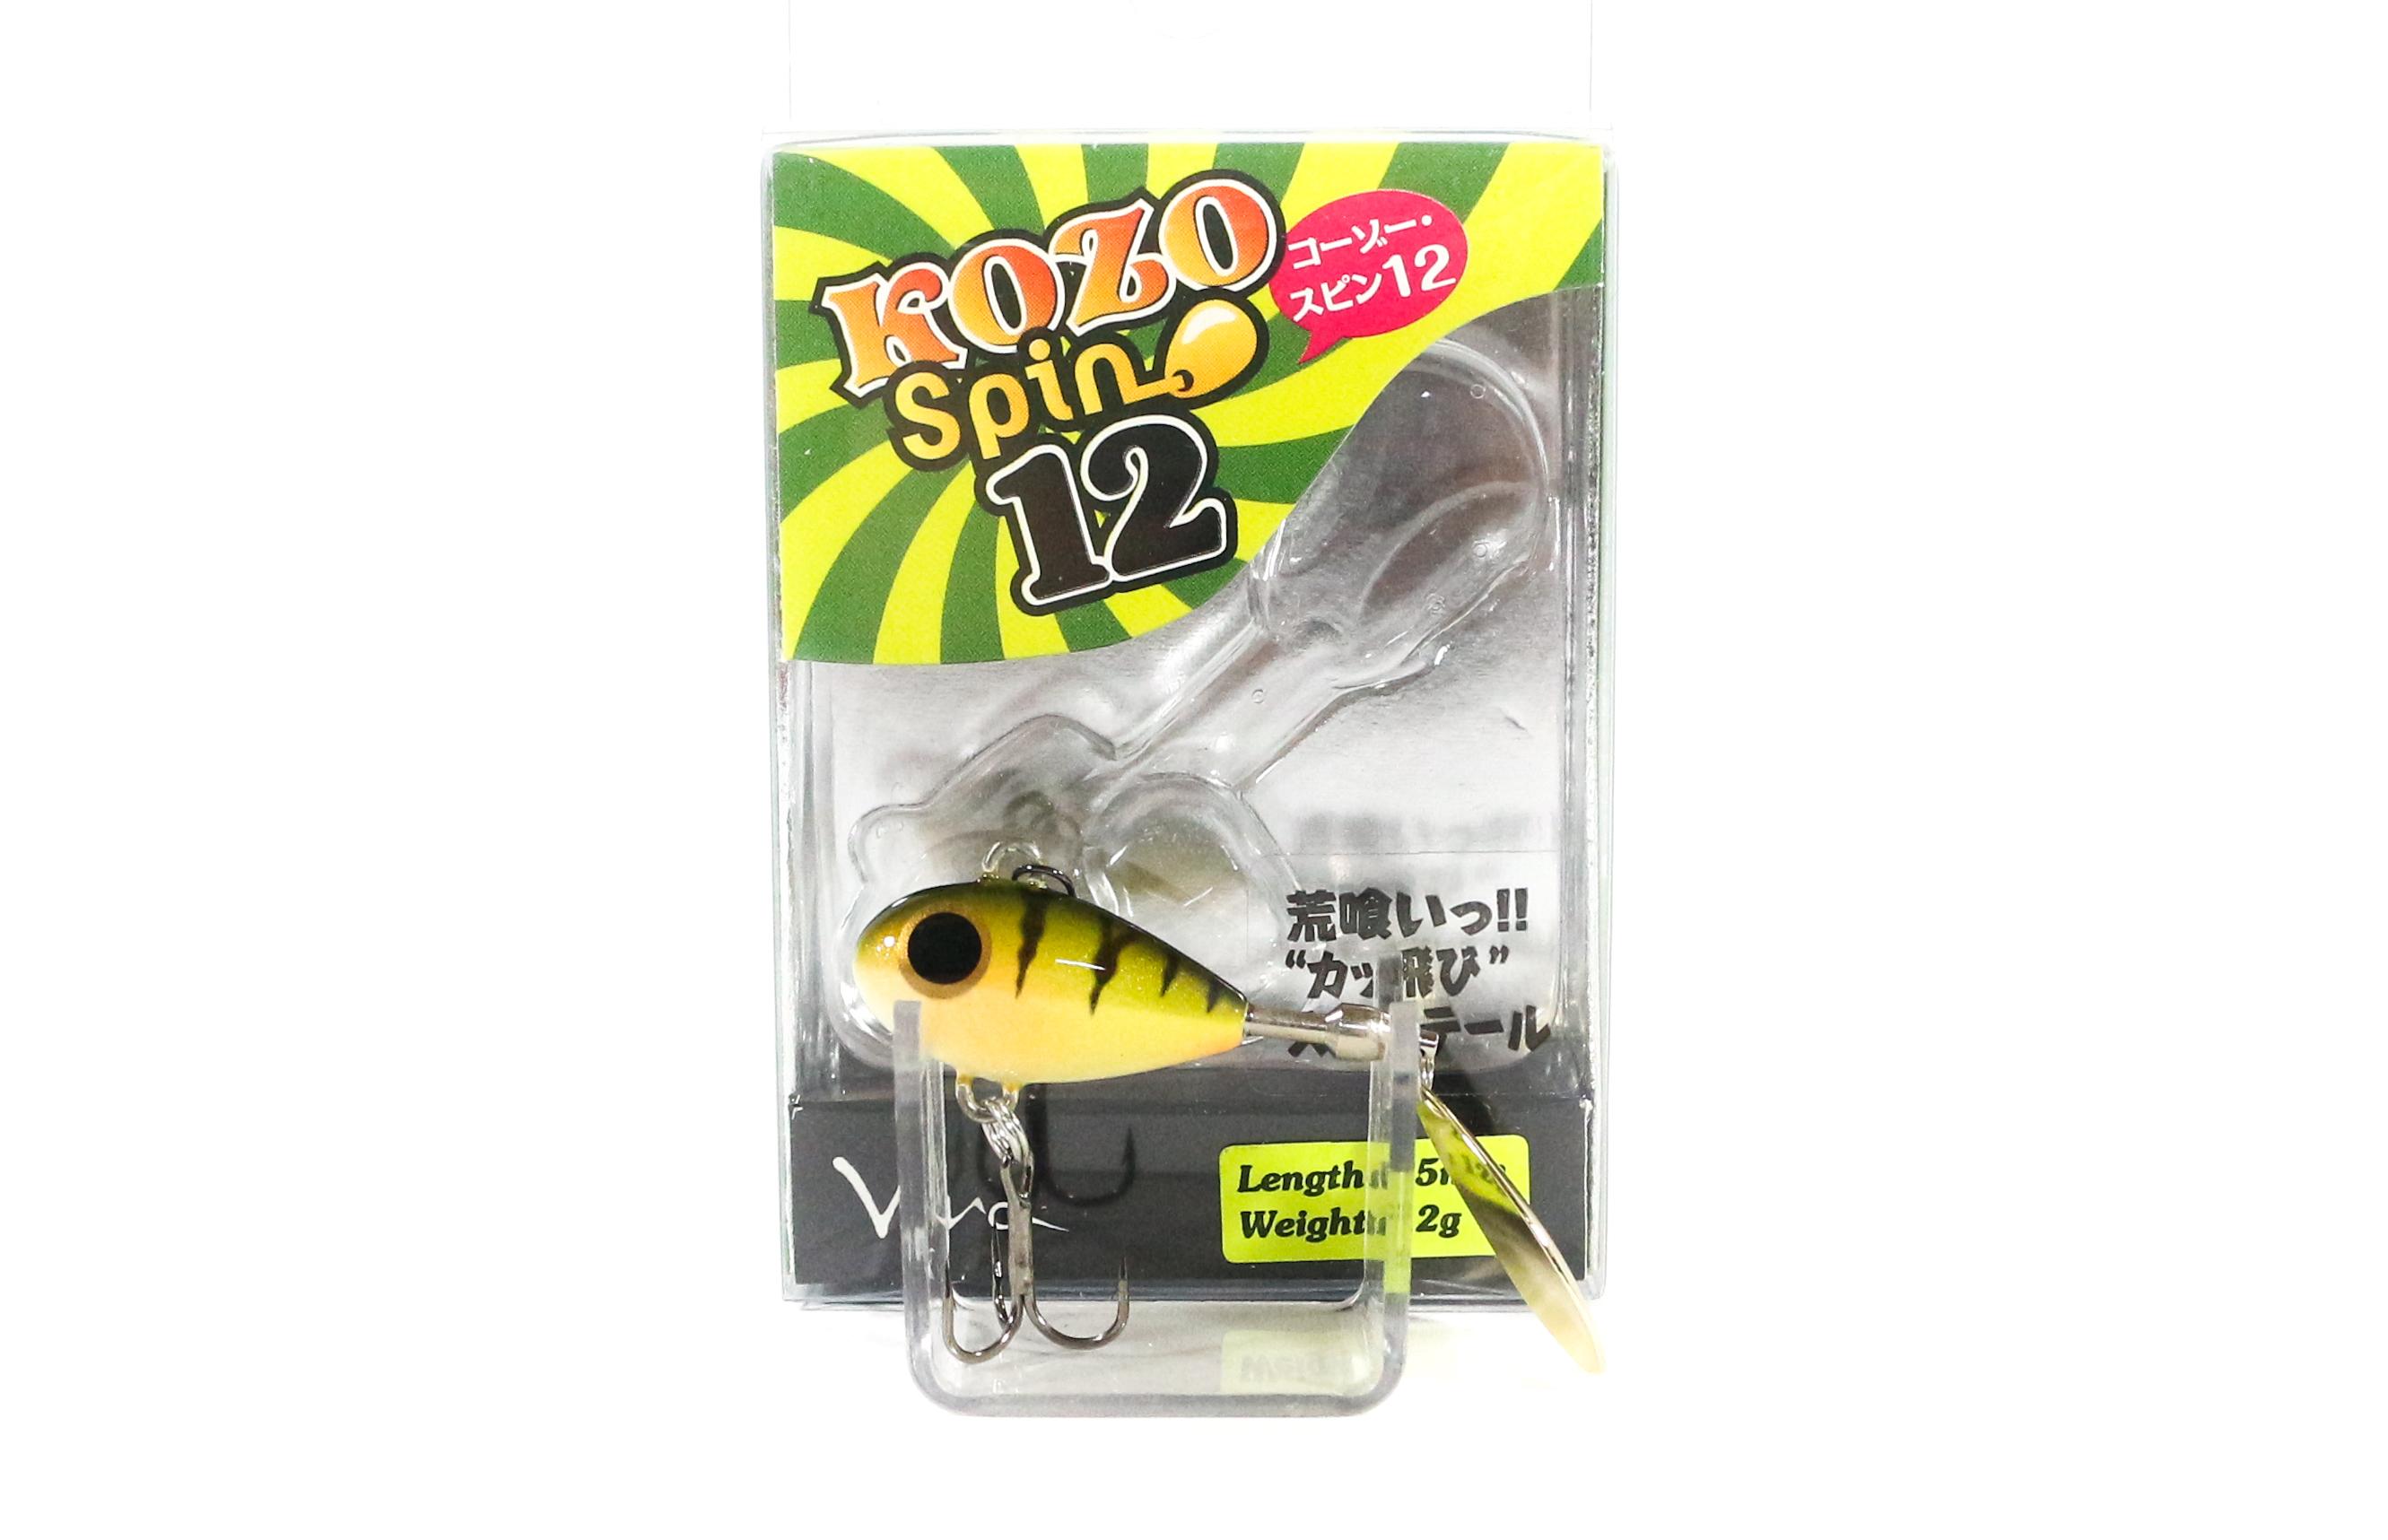 Viva Kozo Spin 12 grams Spinner Bait Lure 190 (3096)